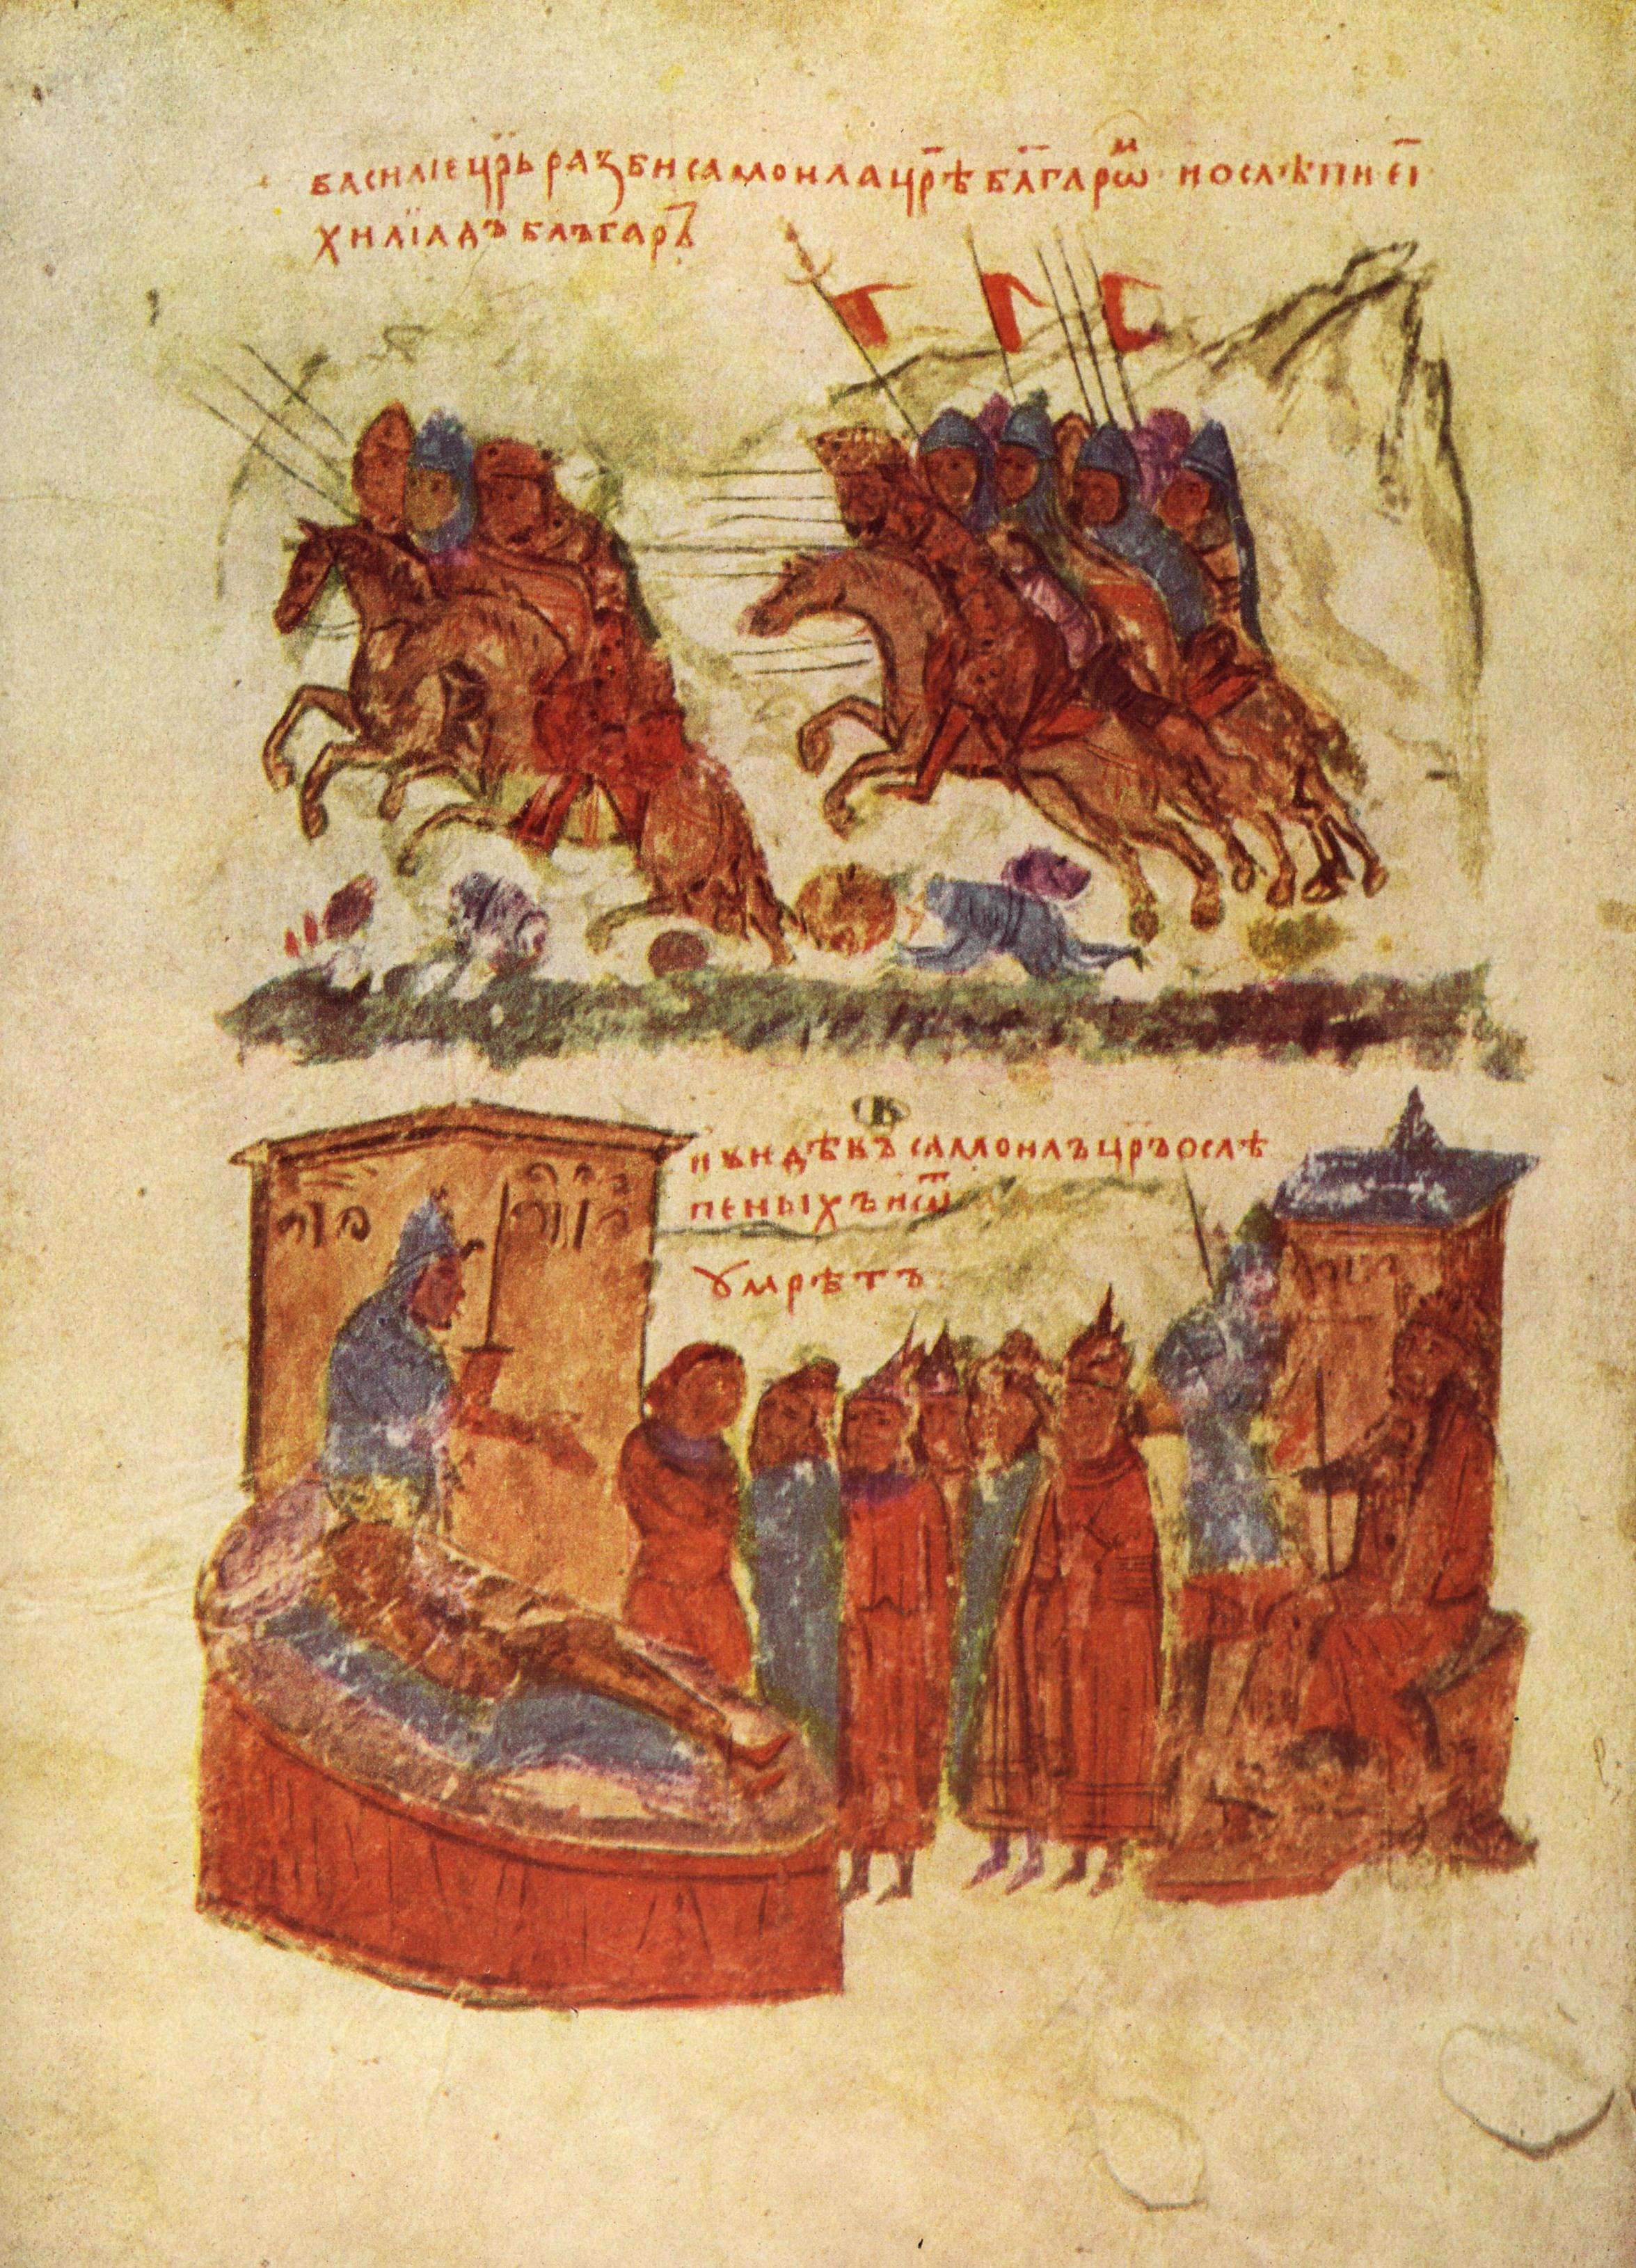 """Η νίκη των Βυζαντινών κατά των Βουλγάρων στη Μάχη του Κλειδίου και ο θάνατος του Σαμουήλ. Μικρογραφία στο χειρόγραφο «Σκυλίτζης της Μαδρίτης». The victory of the Byzantines against the Bulgarians in the Battle of Klidi and the death of Samuel. Thumbnail in the manuscript """"Scilitza of Madrid""""."""